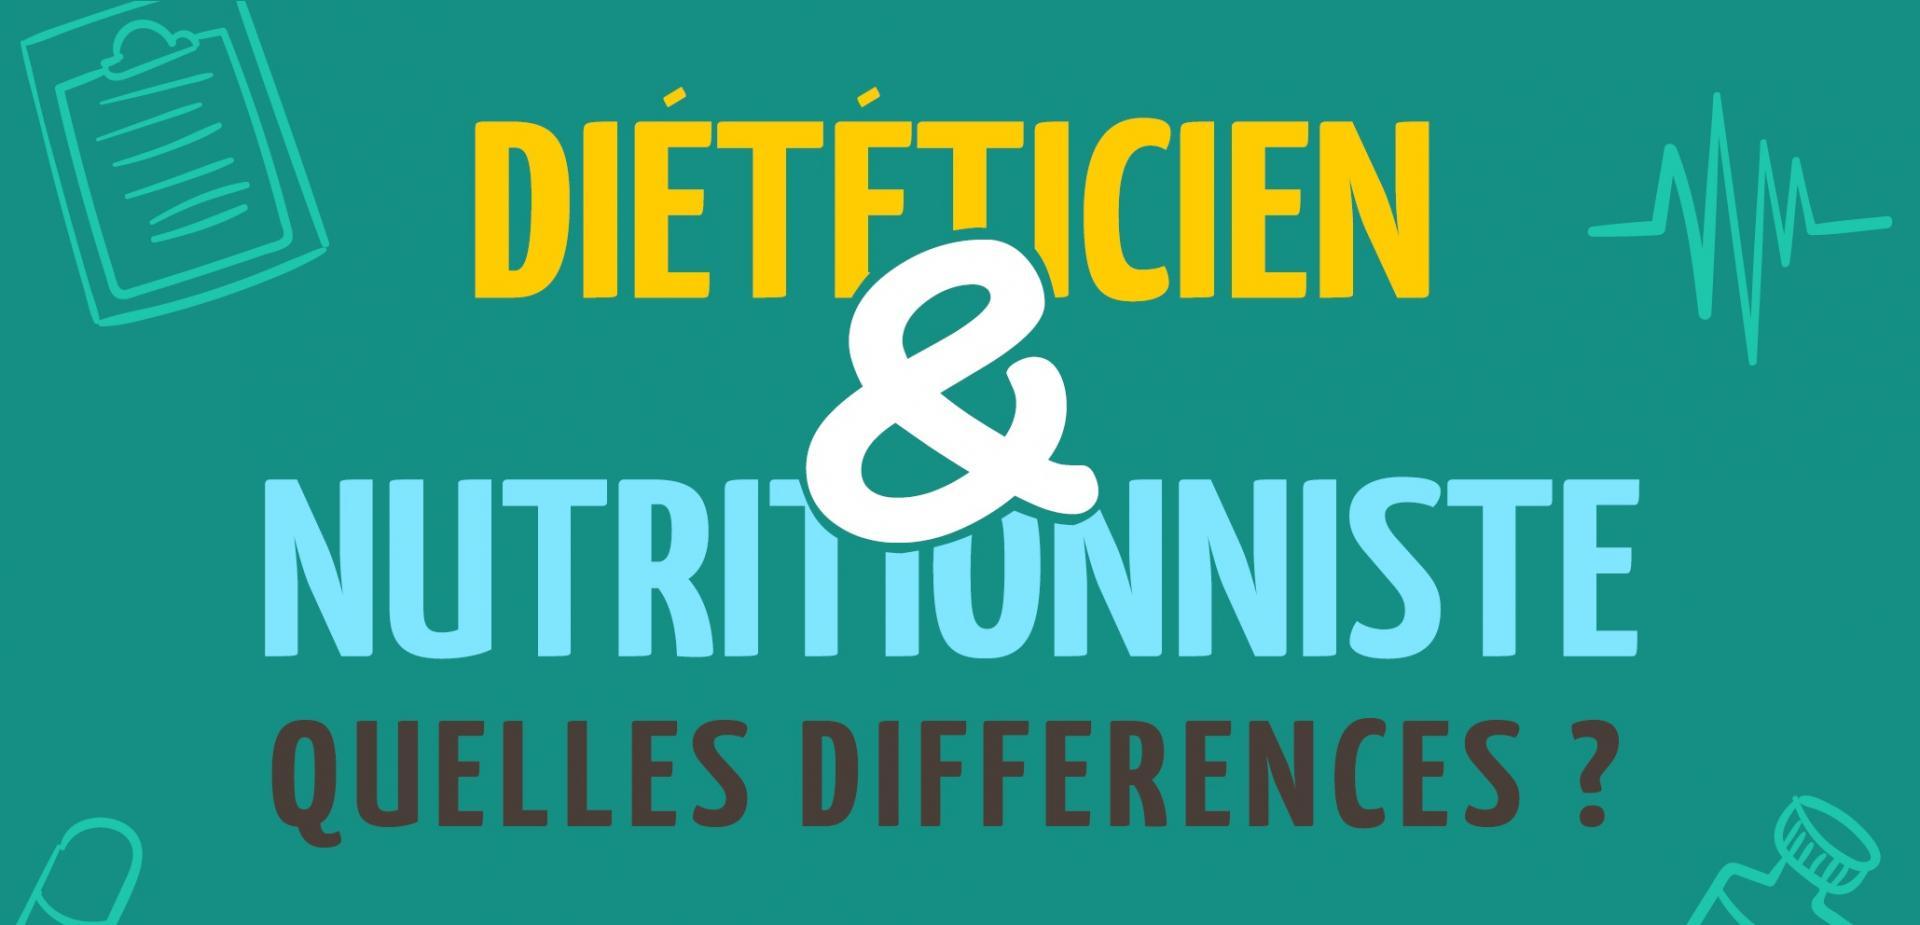 Diététicien ou Nutritionniste : Quelle différence ?